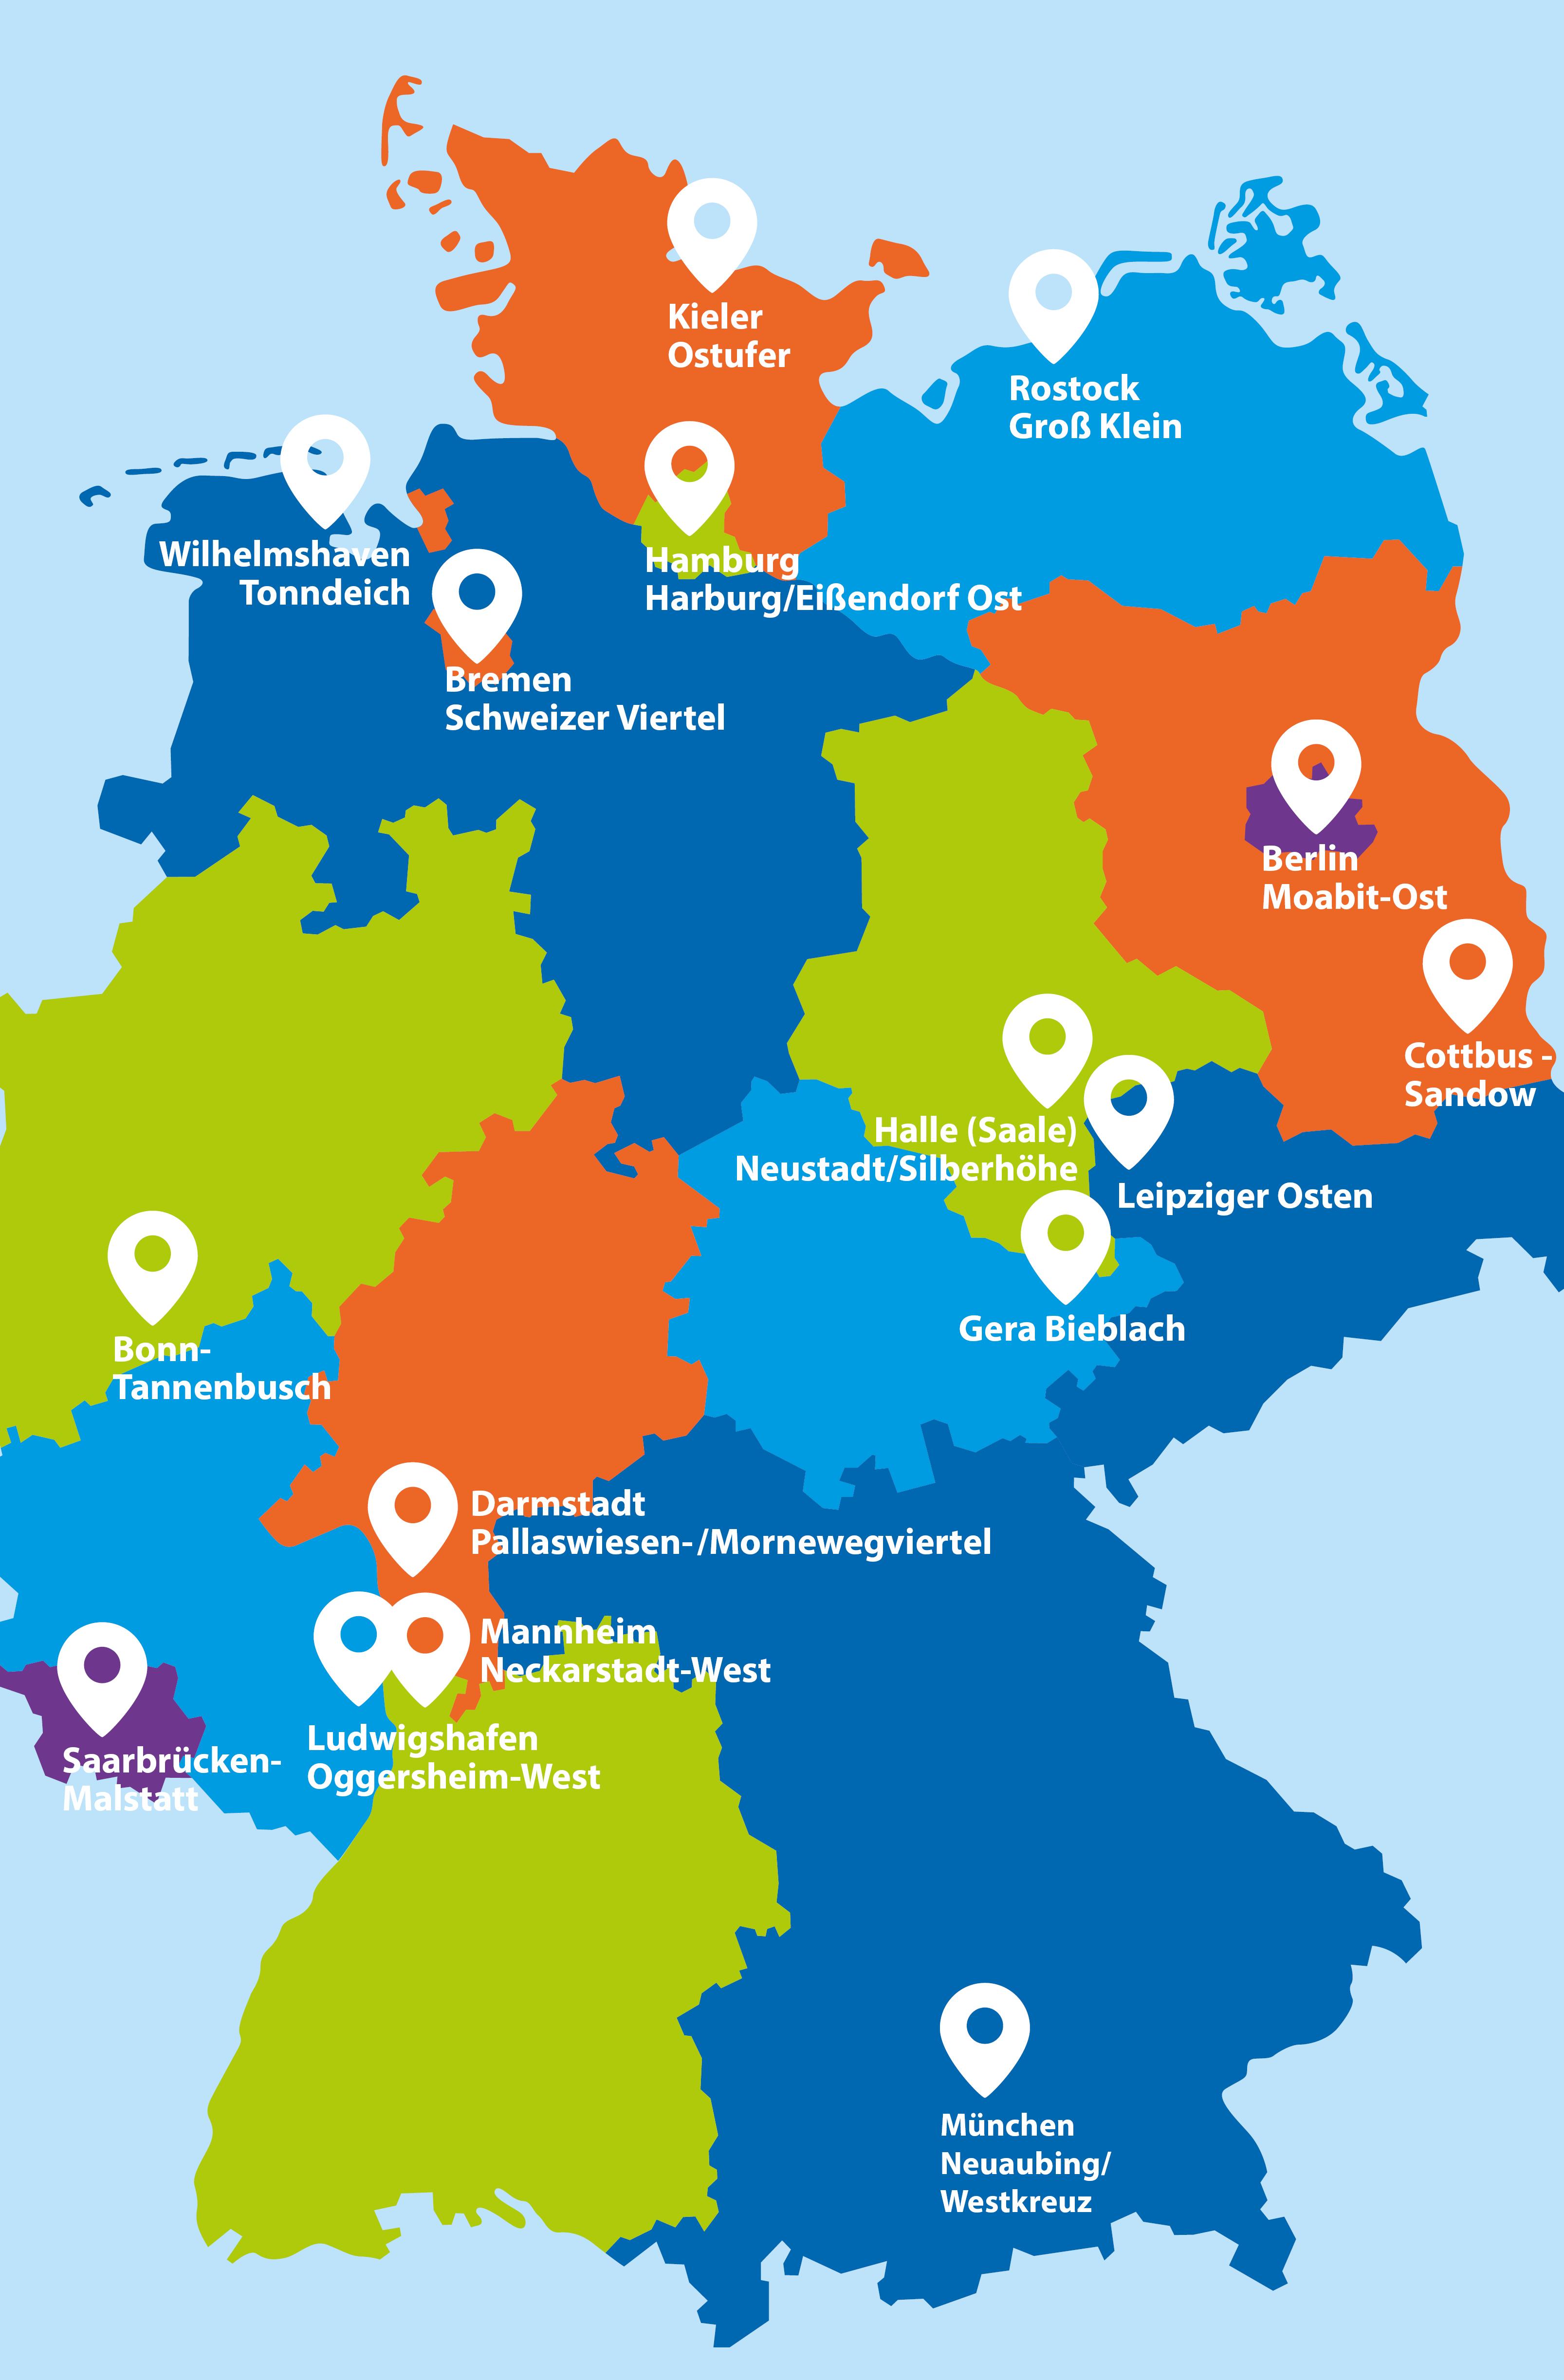 Eine Deutschland-Karte zeigt die Standorte der Quartiere in den Bundesländern.